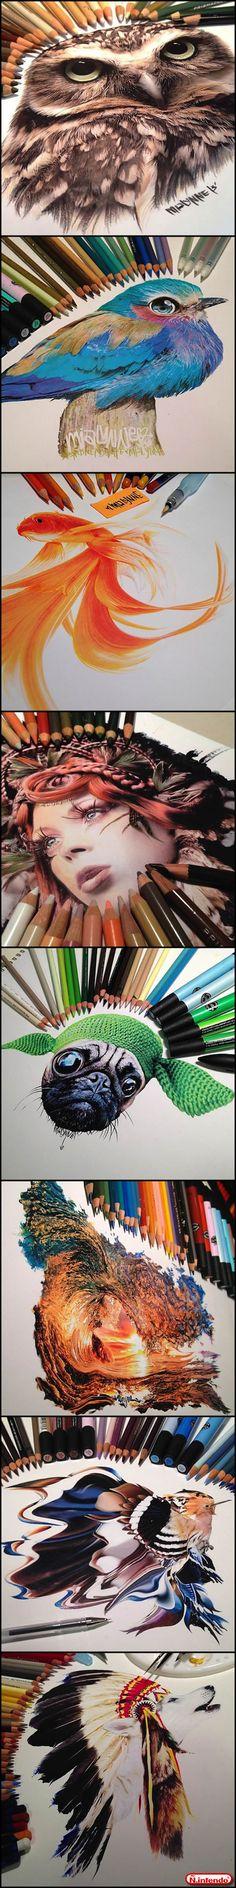 Pinturas Espetaculares Feitas Com Lápis de Cores